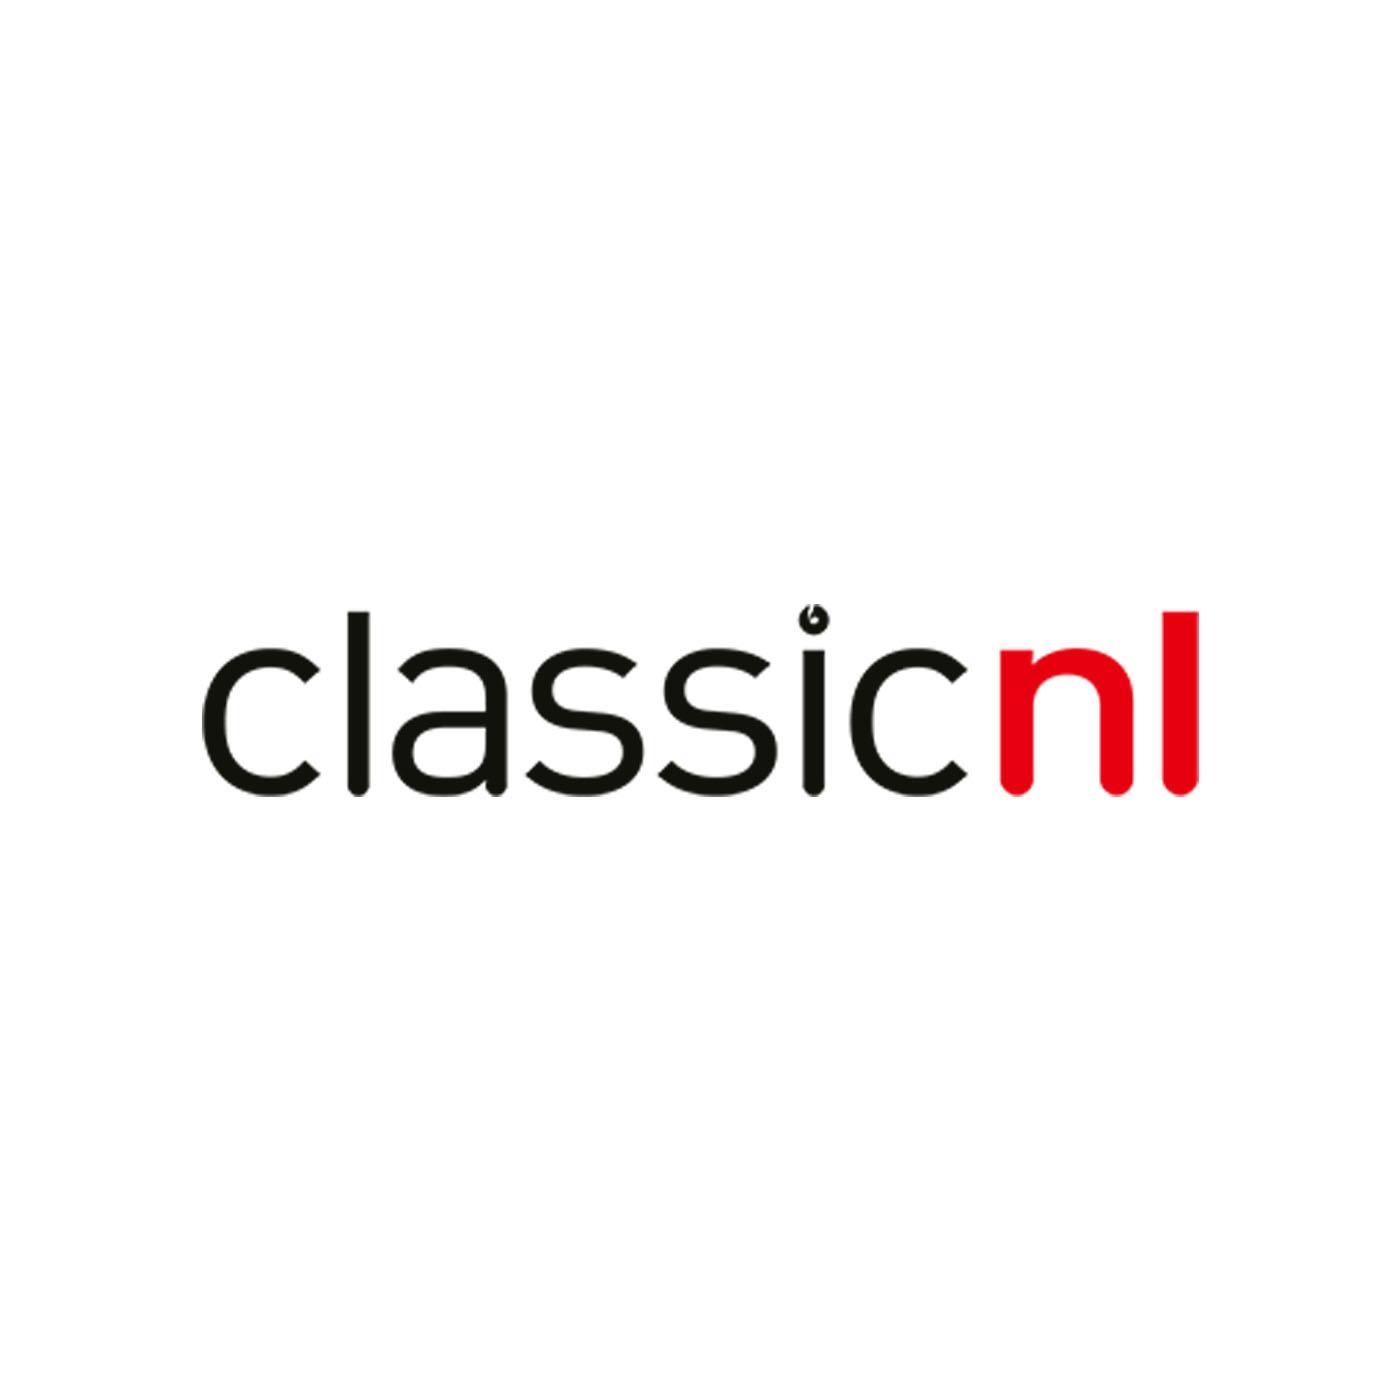 Classic FM Album Top 20